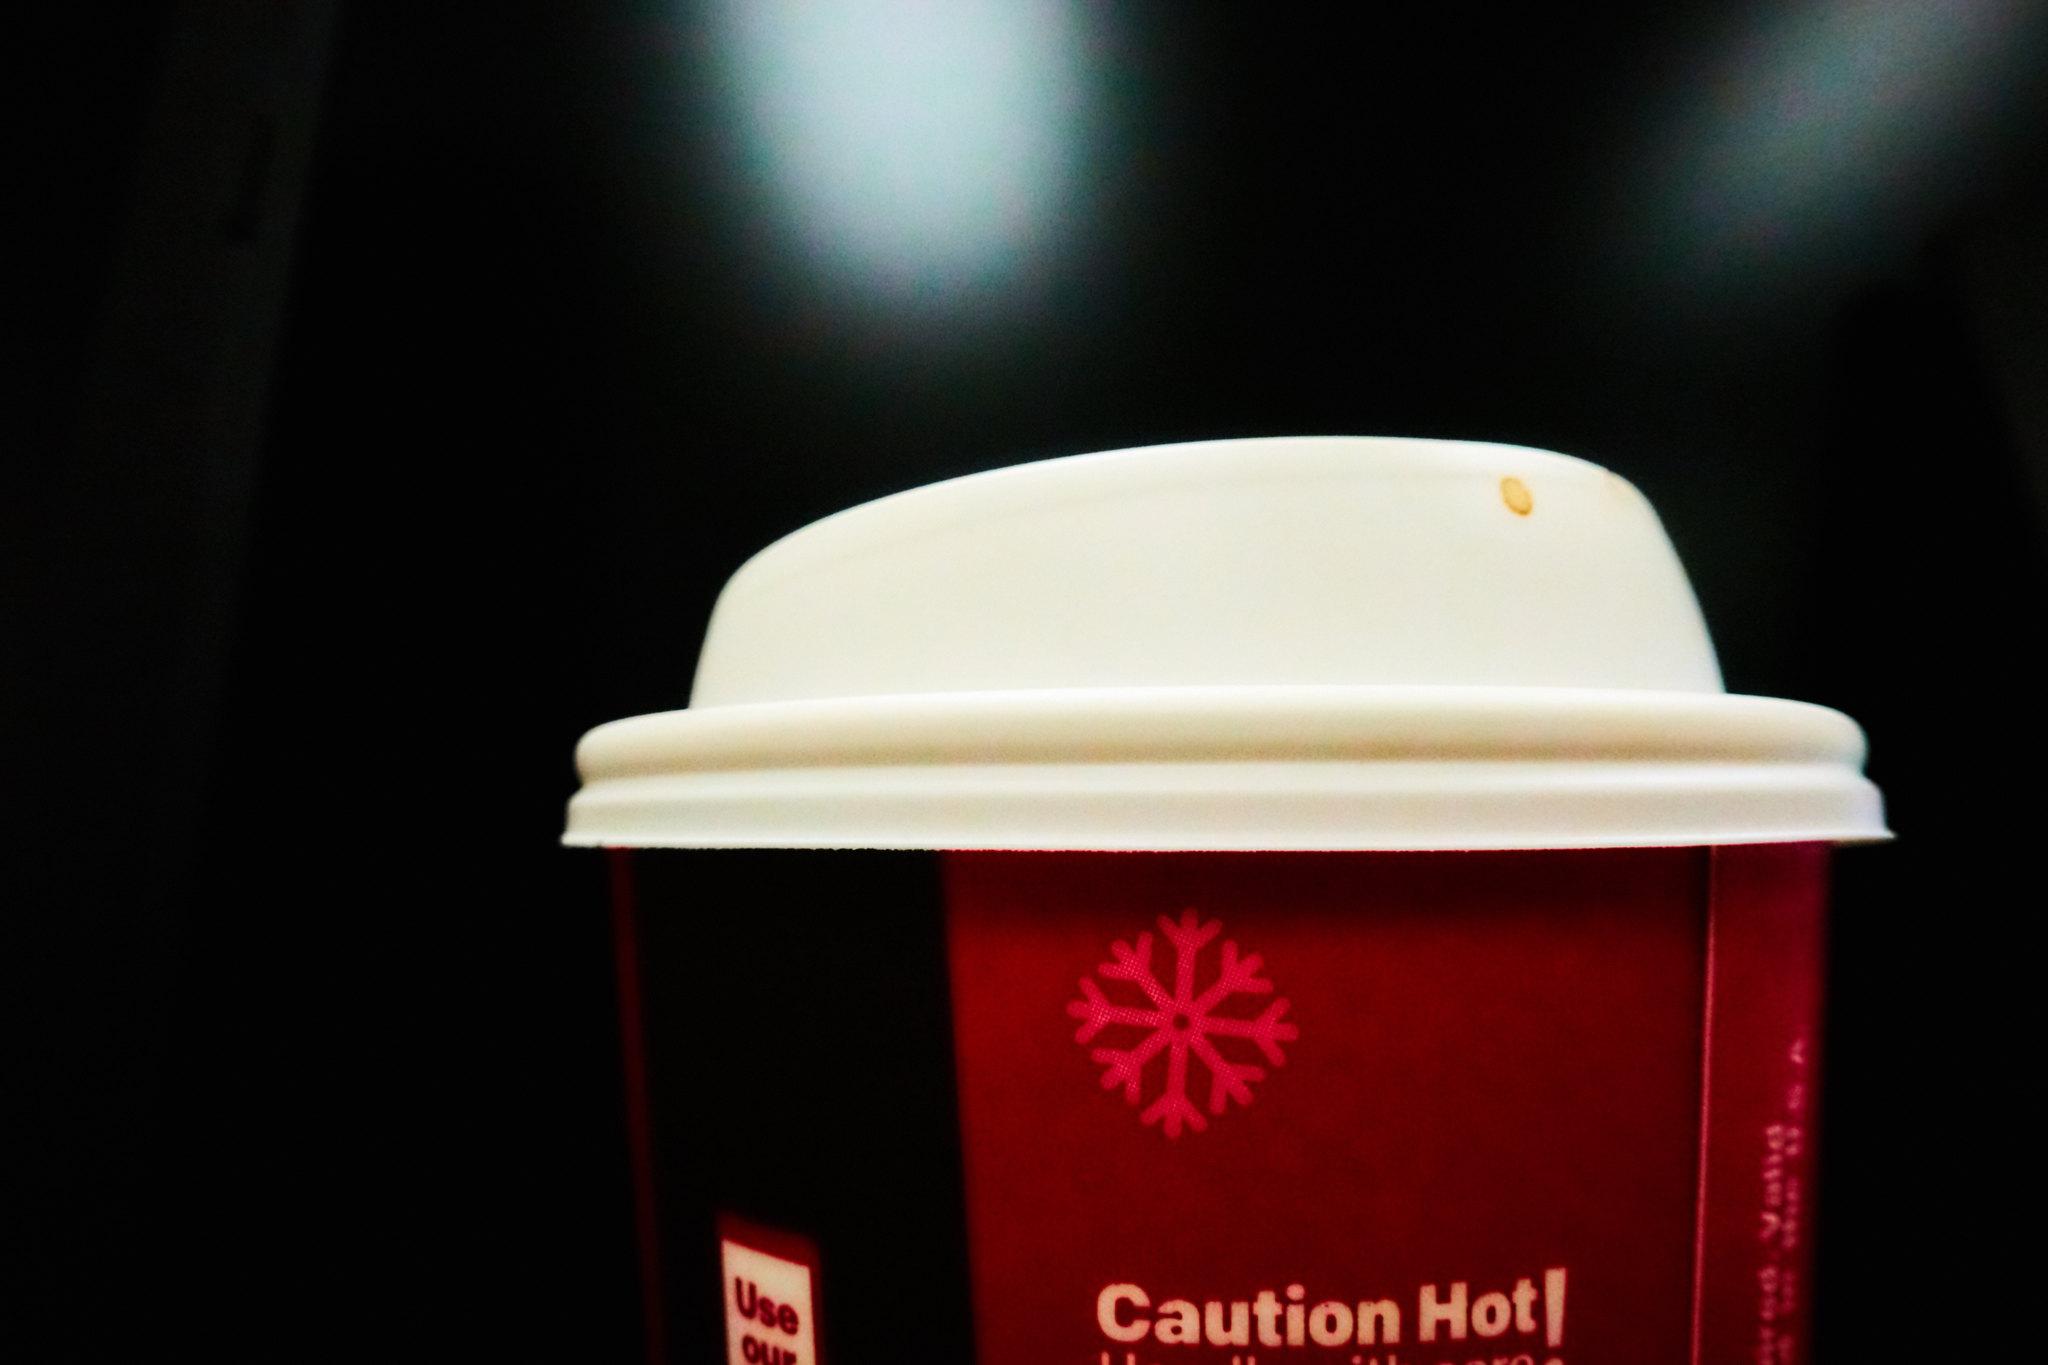 mcd coffee 01